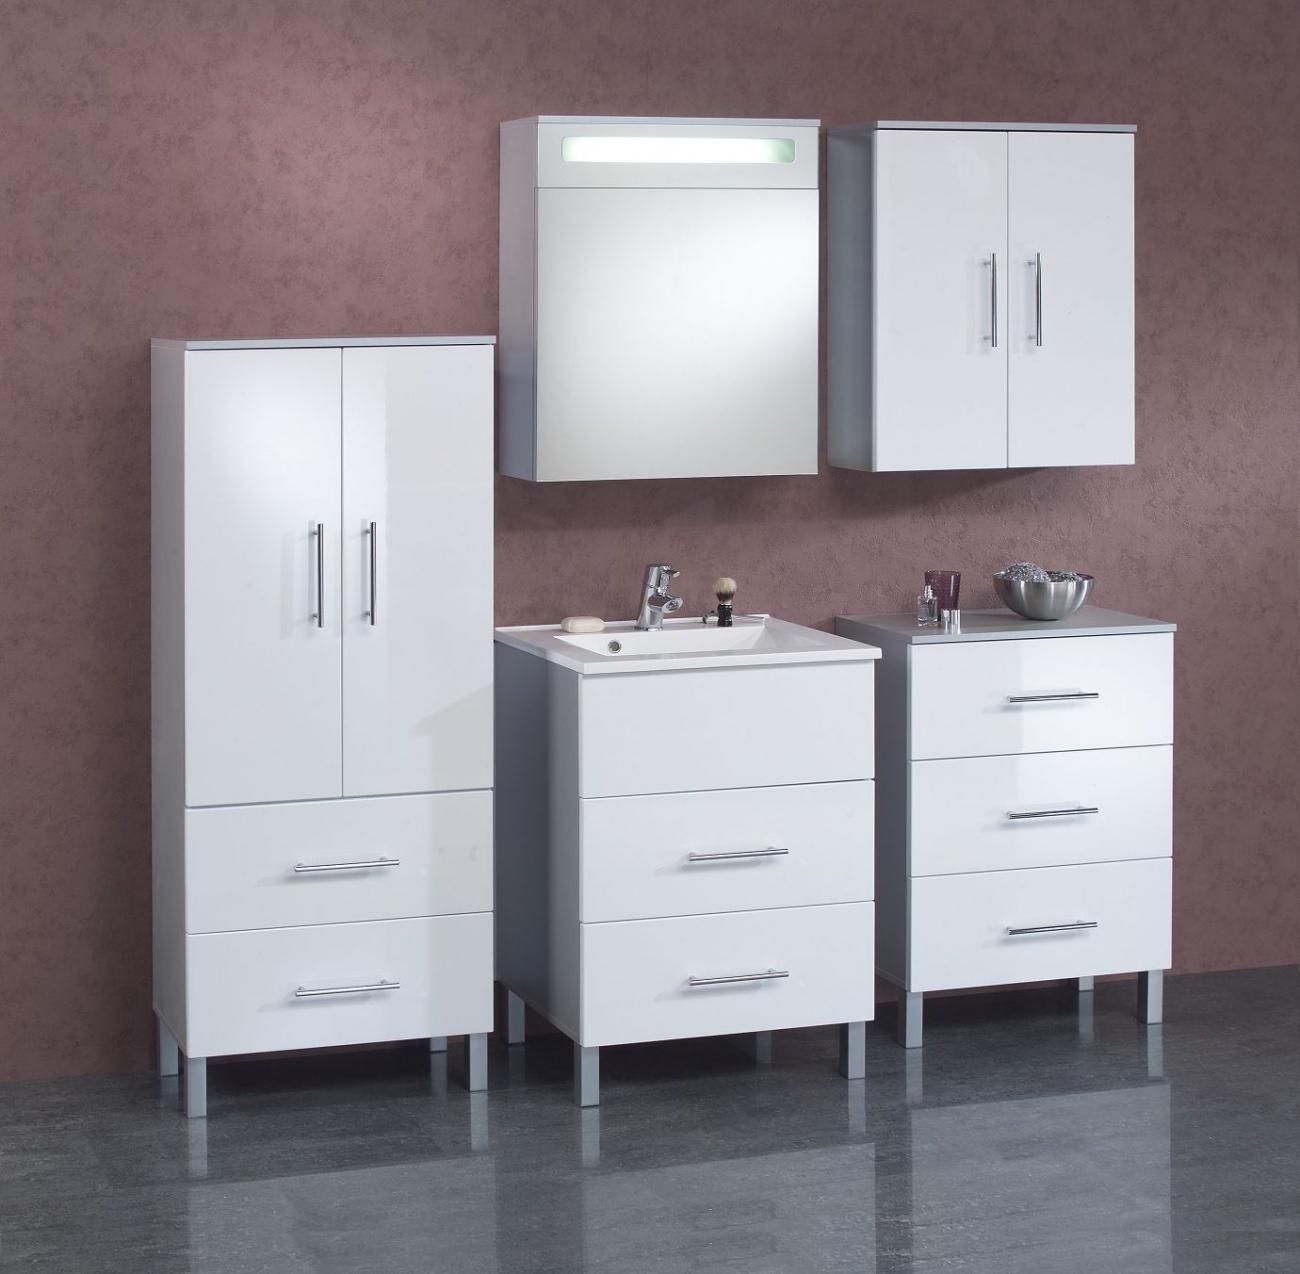 Badezimmerset Badschränke und Spiegelschrank mit Lichtblende ...